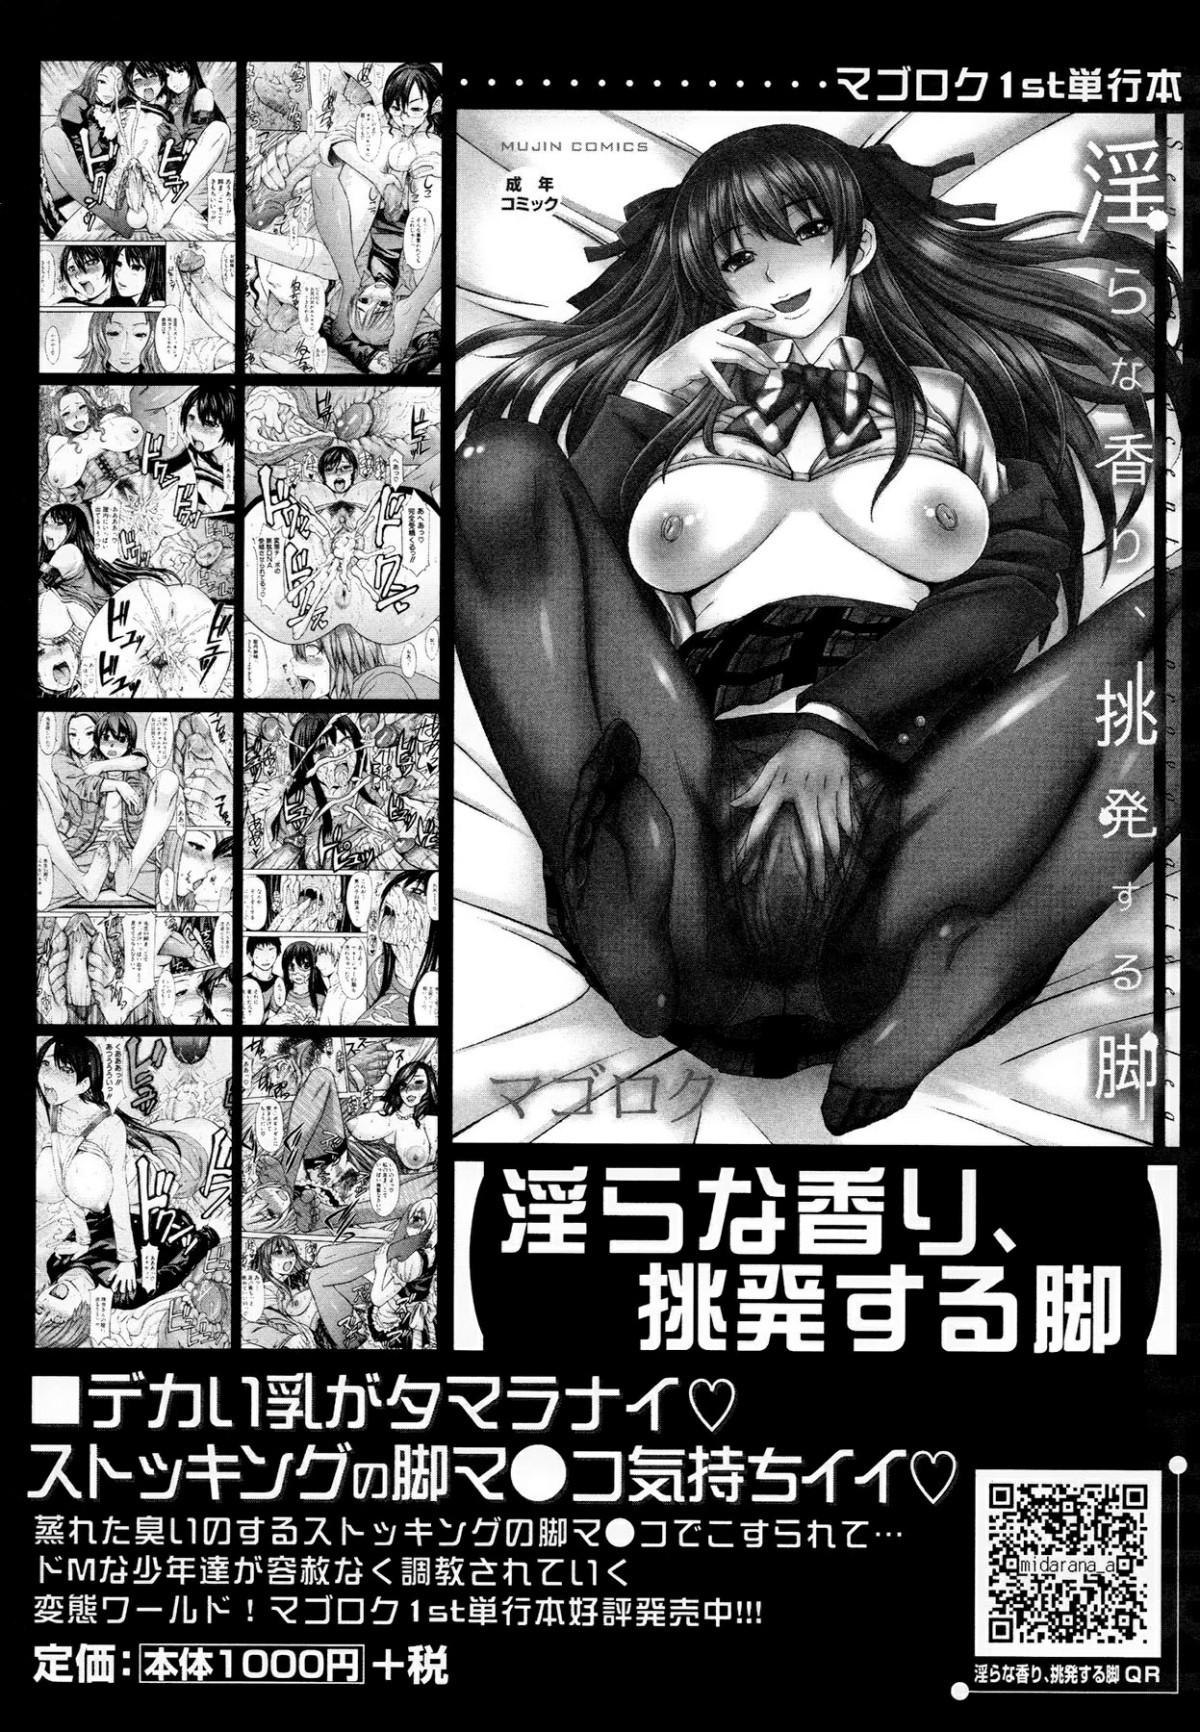 Ashigami Capitulo 6 - pagina 36